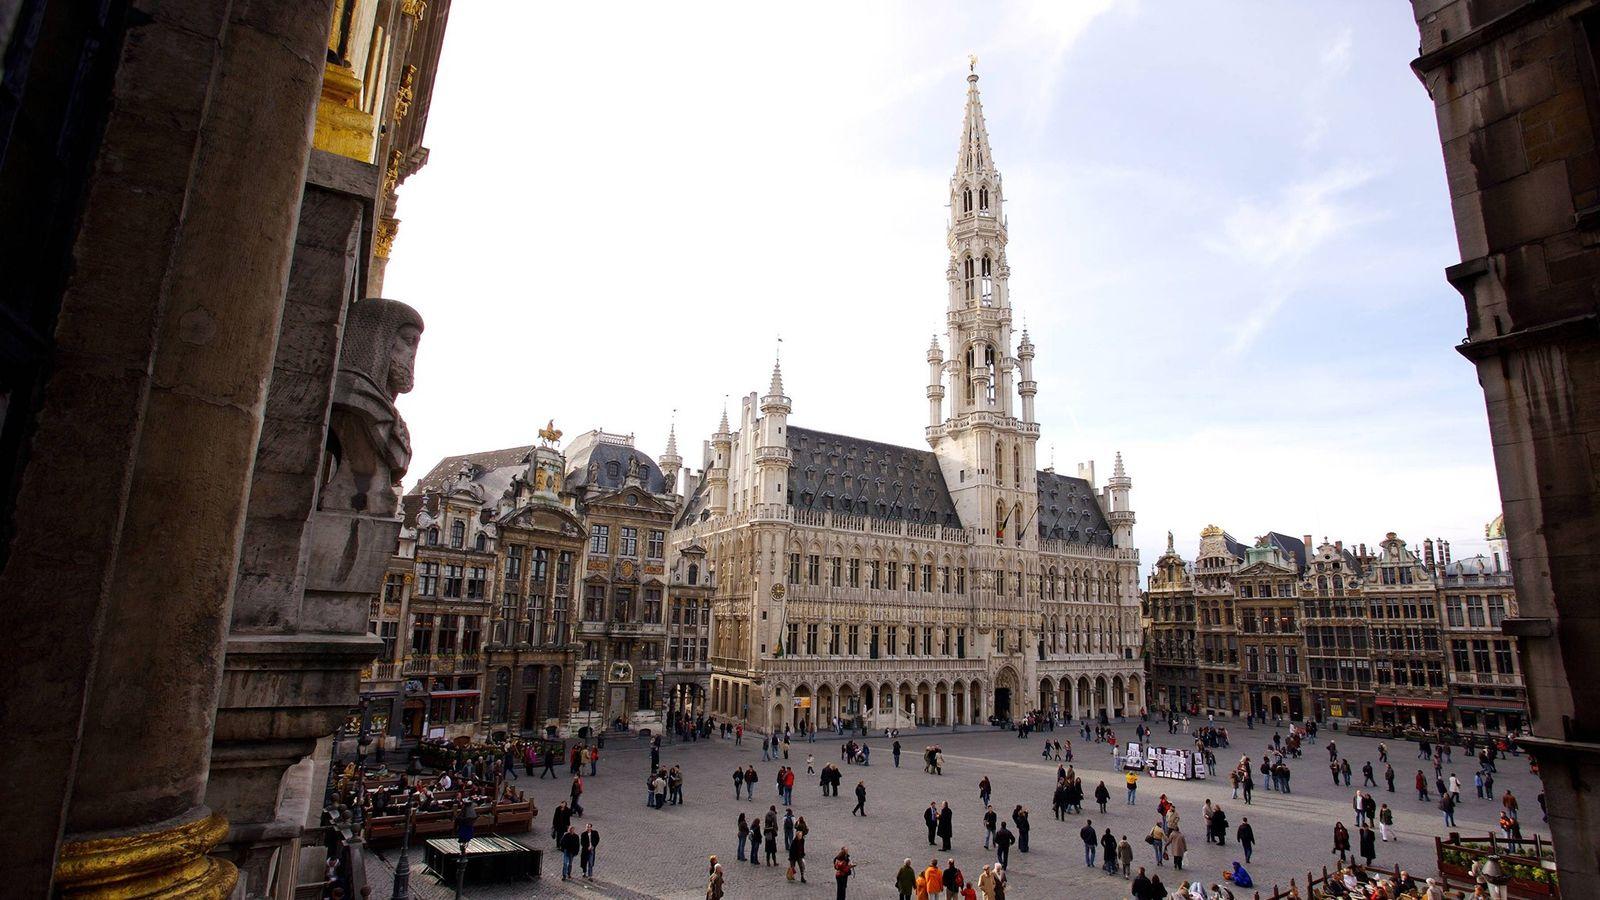 Bruxelles, en Belgique. La capitale belge s'articule autour de la place centrale, ou Grand-Place, bordée par ...